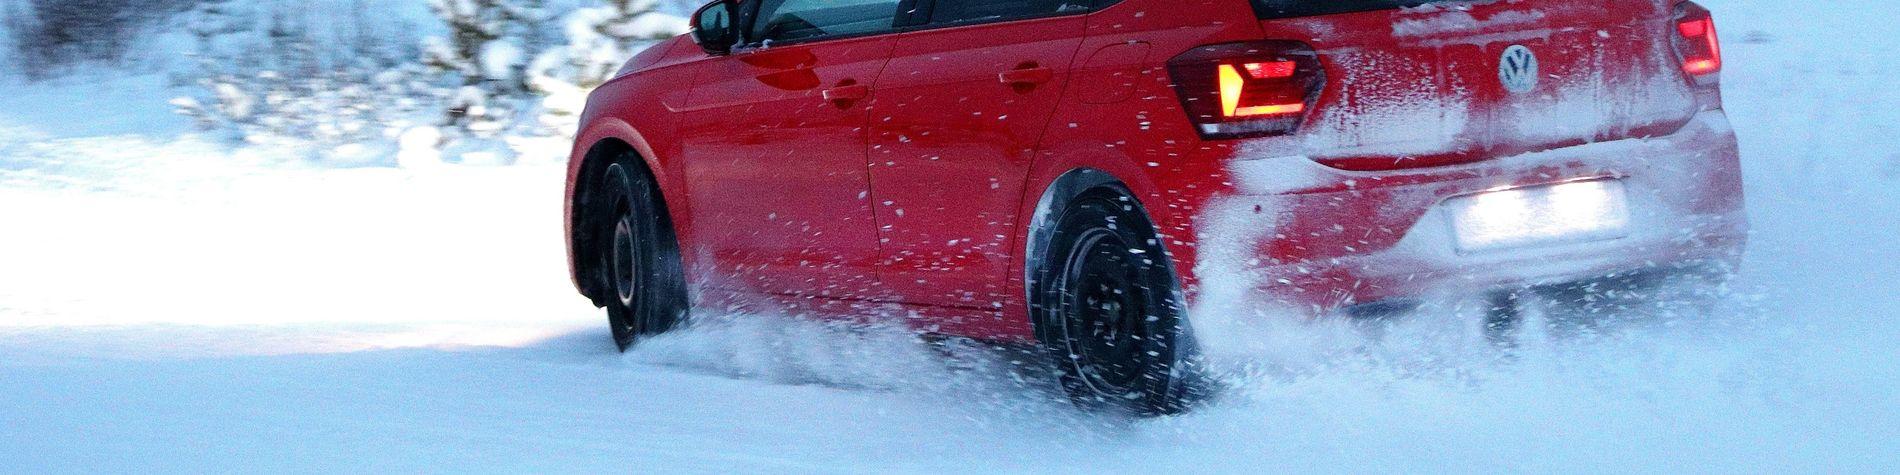 Pneumatico Invernale 185//65R14 86T Hankook Winter i*cept RS2 W452 M+S